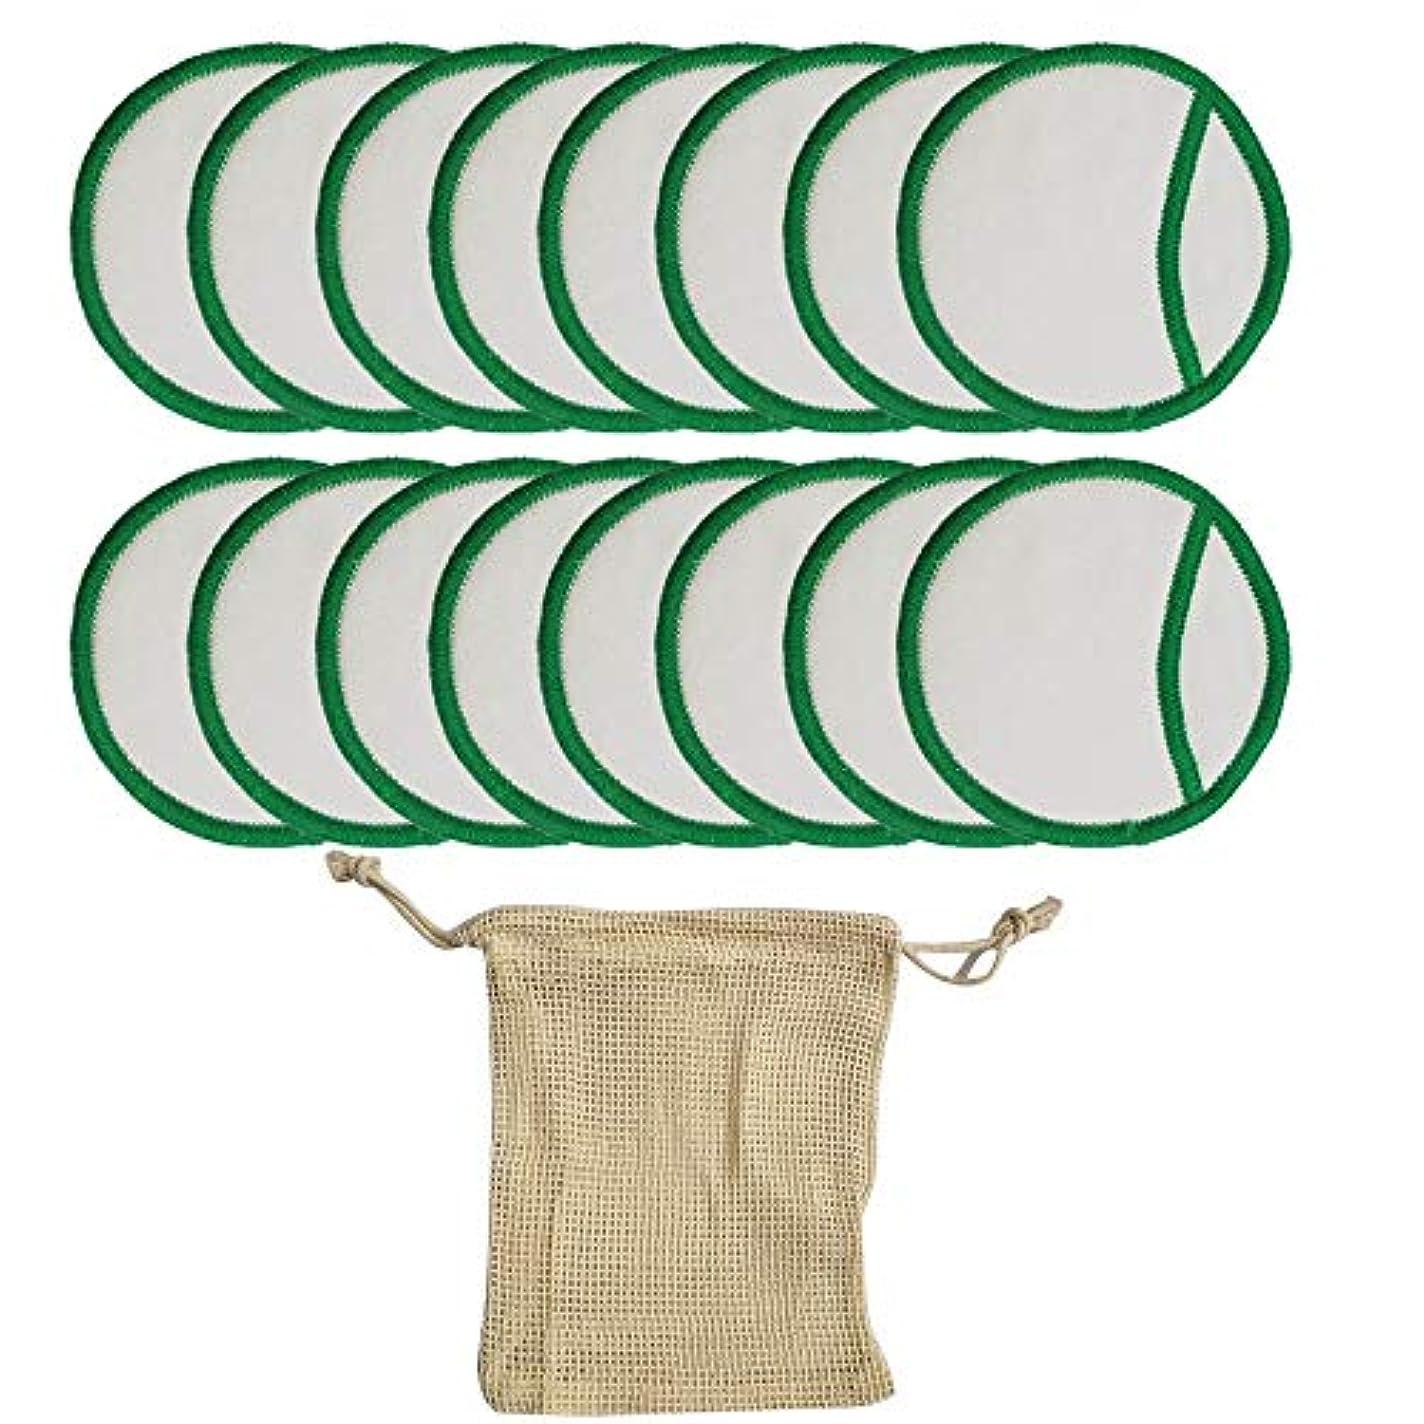 密接に自然公園司法16pcsメイクアップリムーバーパッド再利用可能な洗濯可能な3層竹フェイシャルクレンジングコットンワイプスキンケア用品用収納バッグ付き